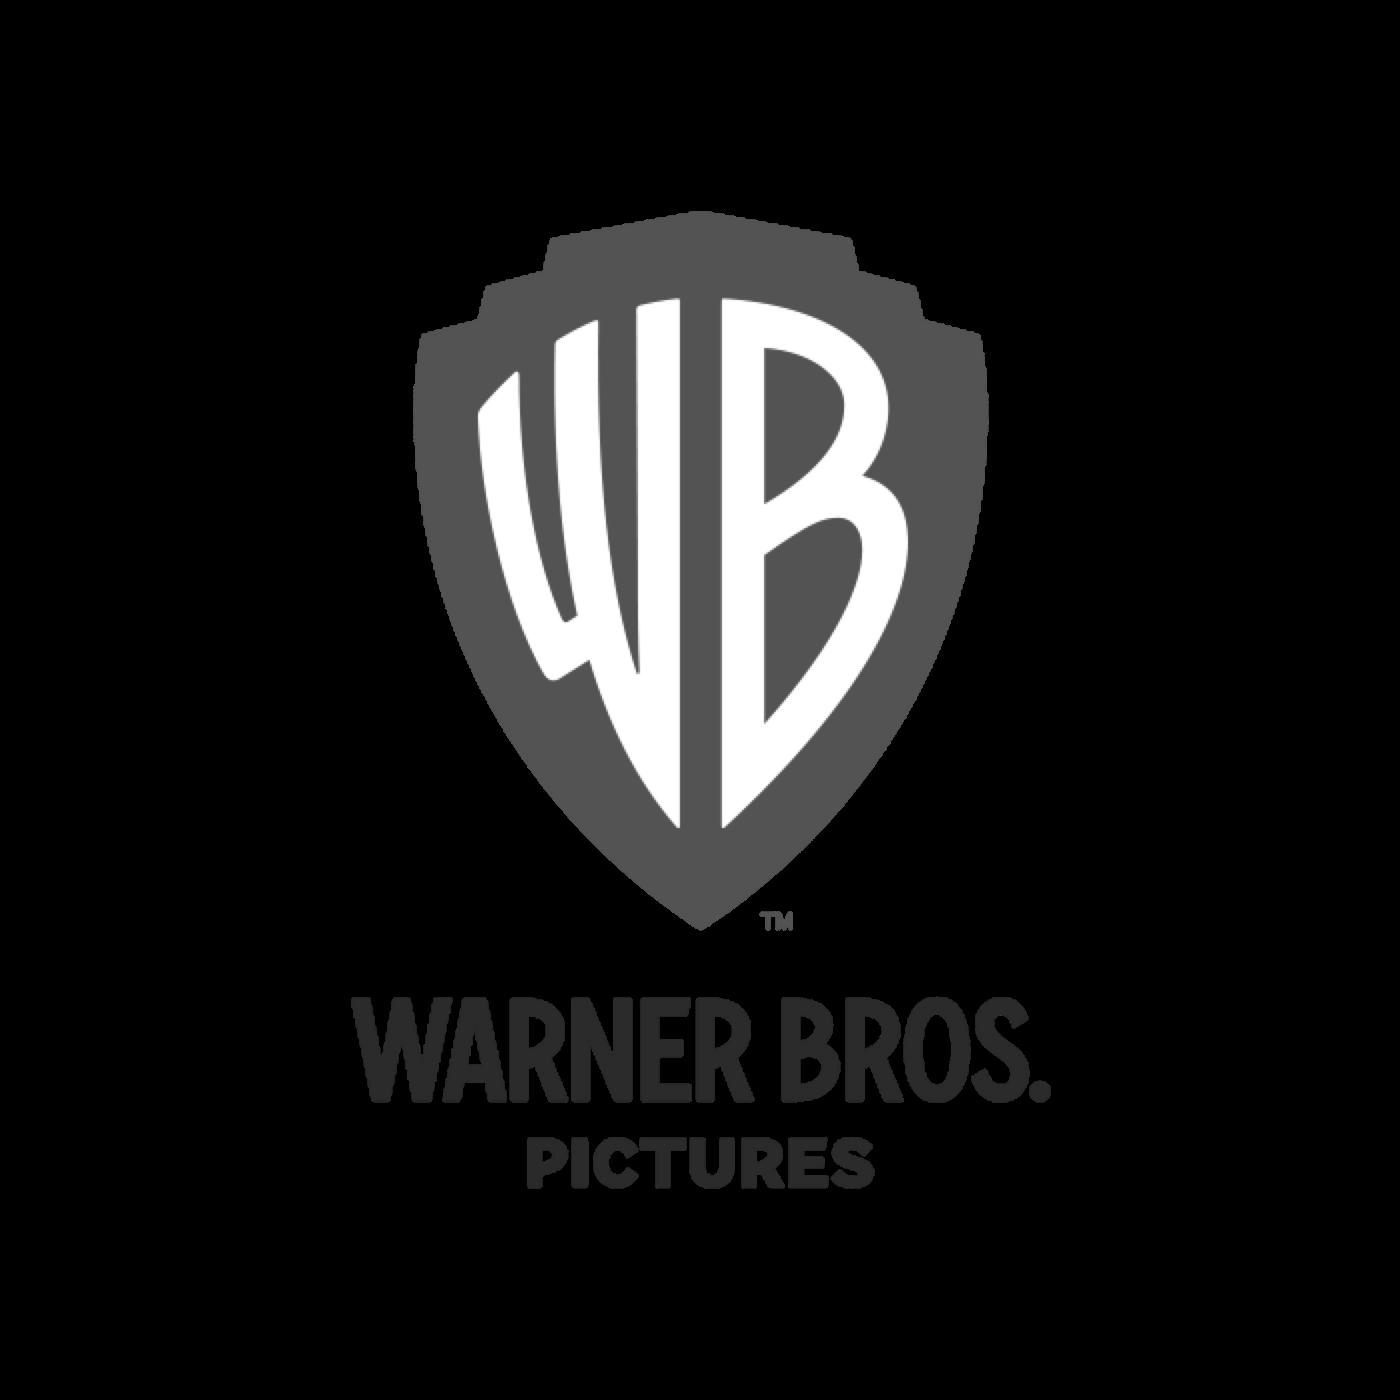 Warner Bros bw